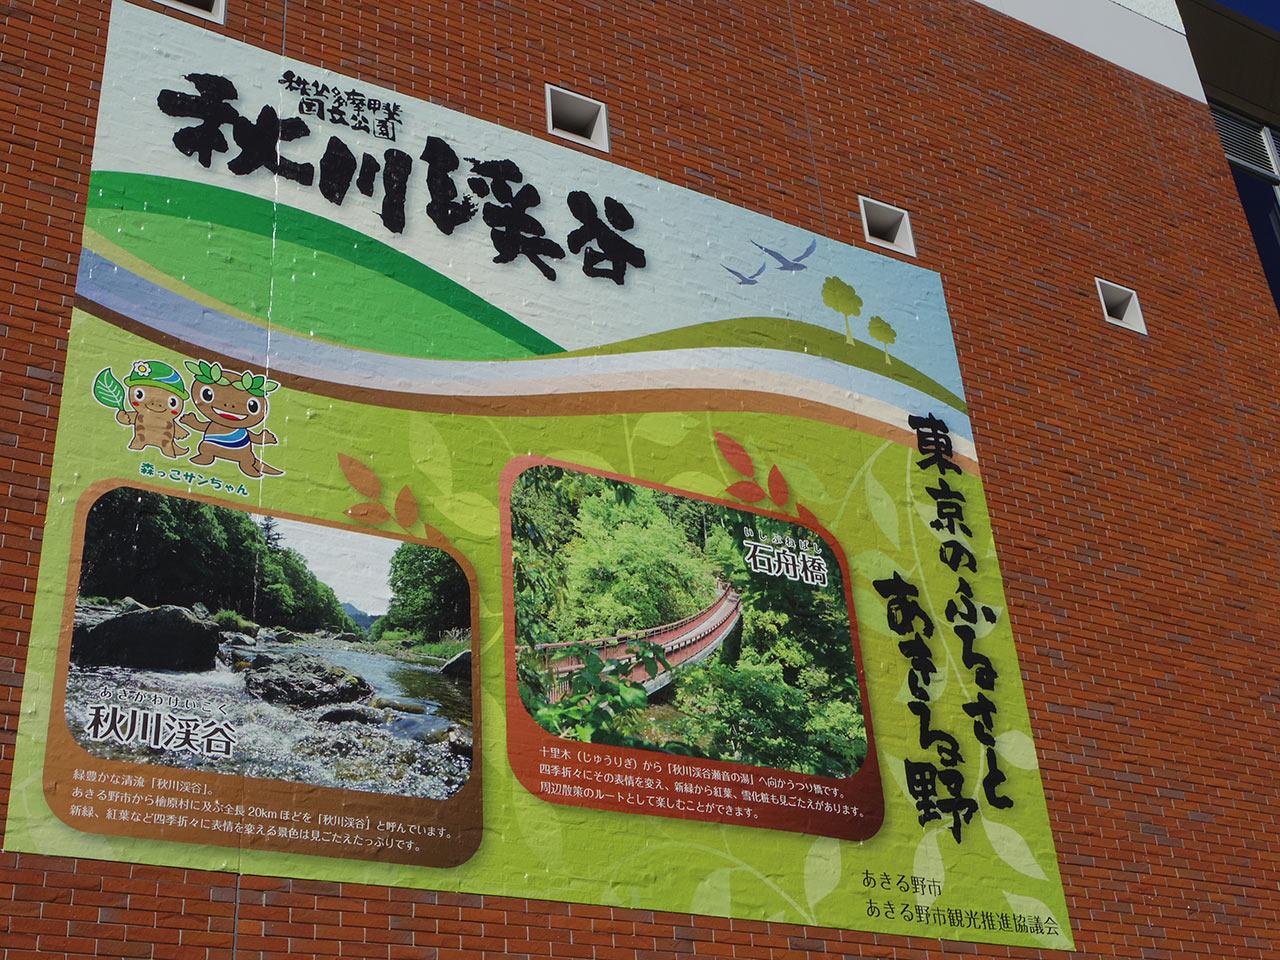 武蔵五日市駅 駅舎